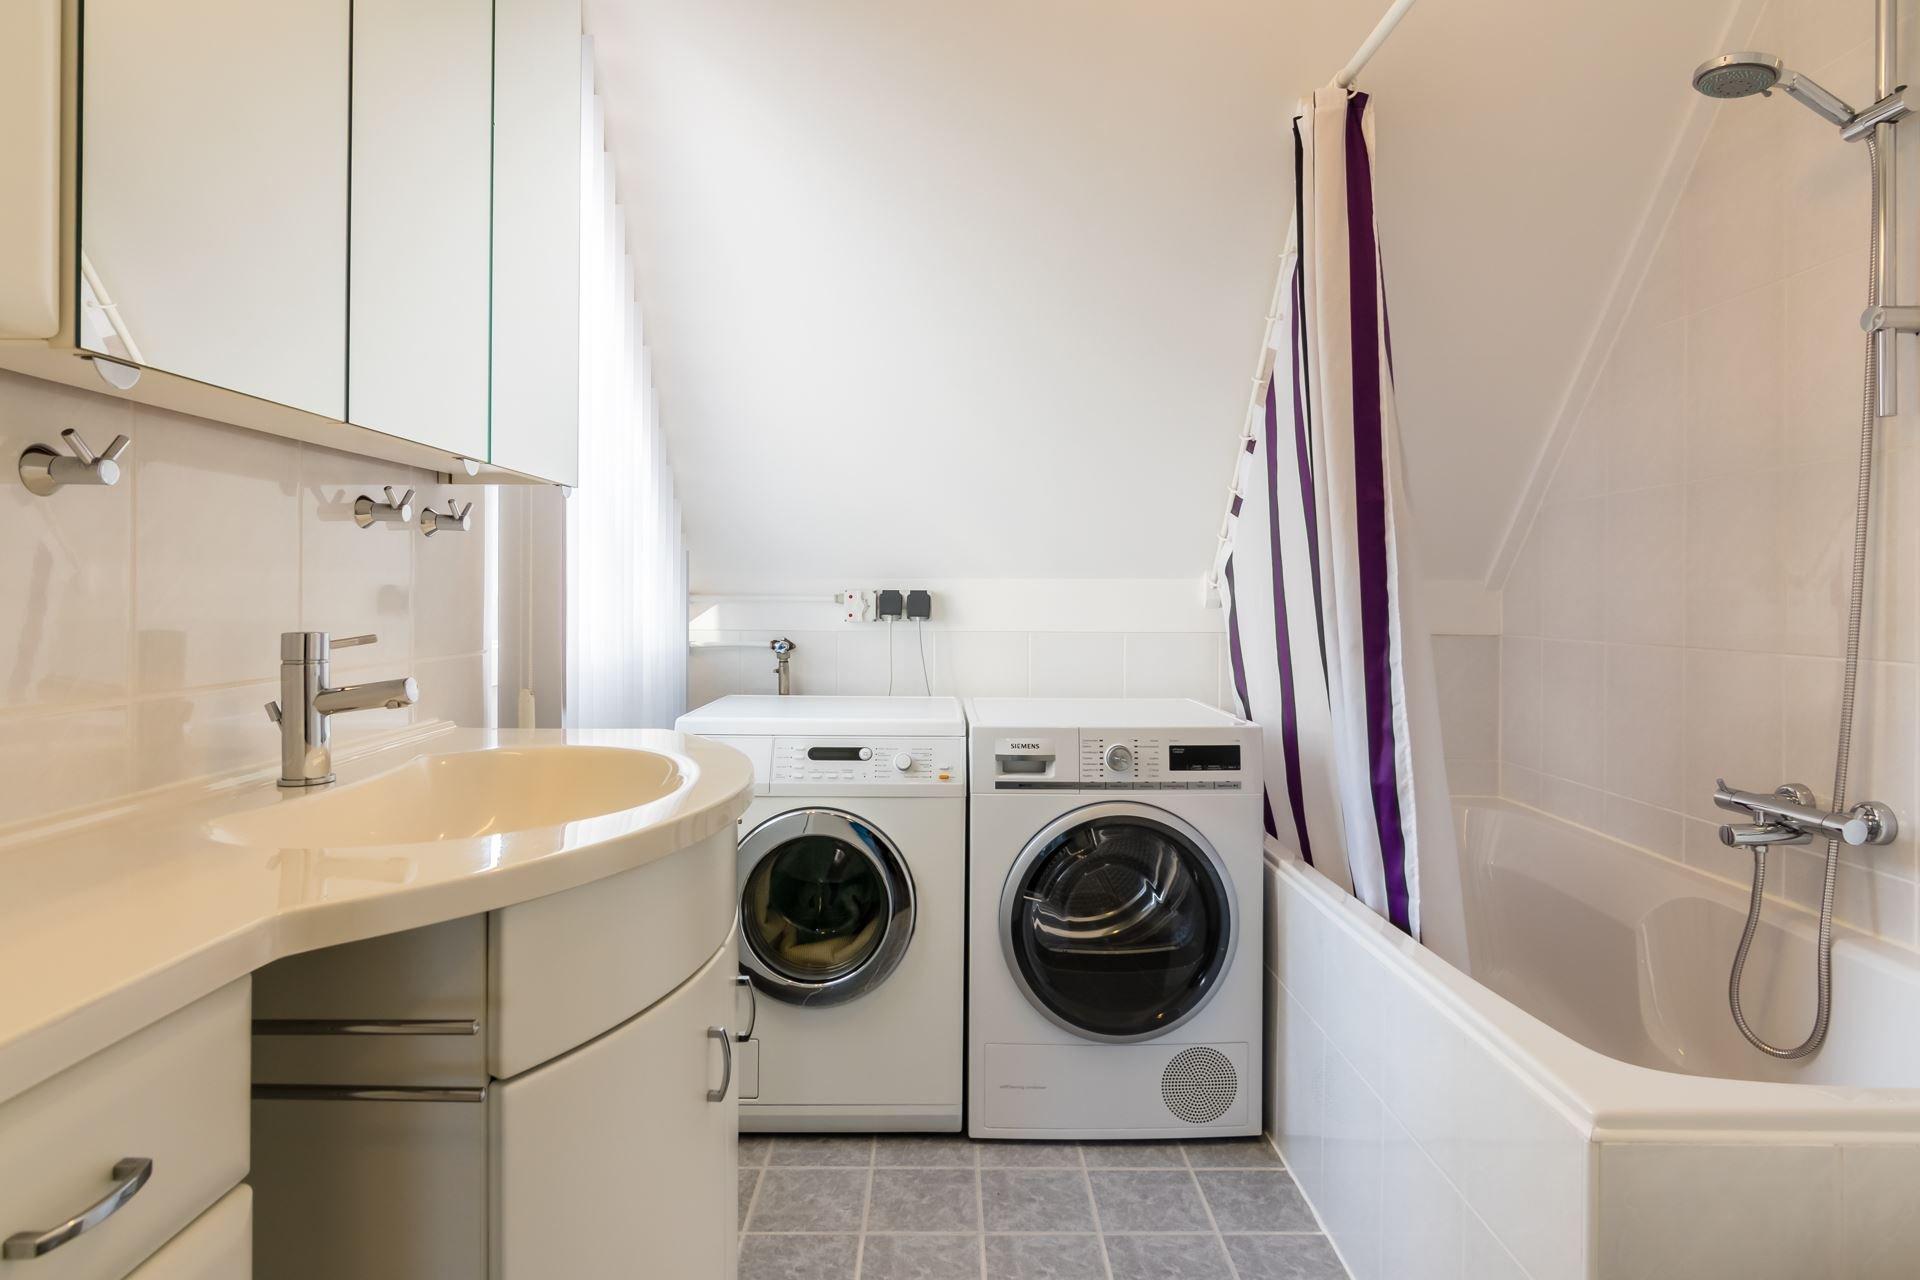 Badkamer + WC + nieuwe leidingen wasmachine en droger - Werkspot